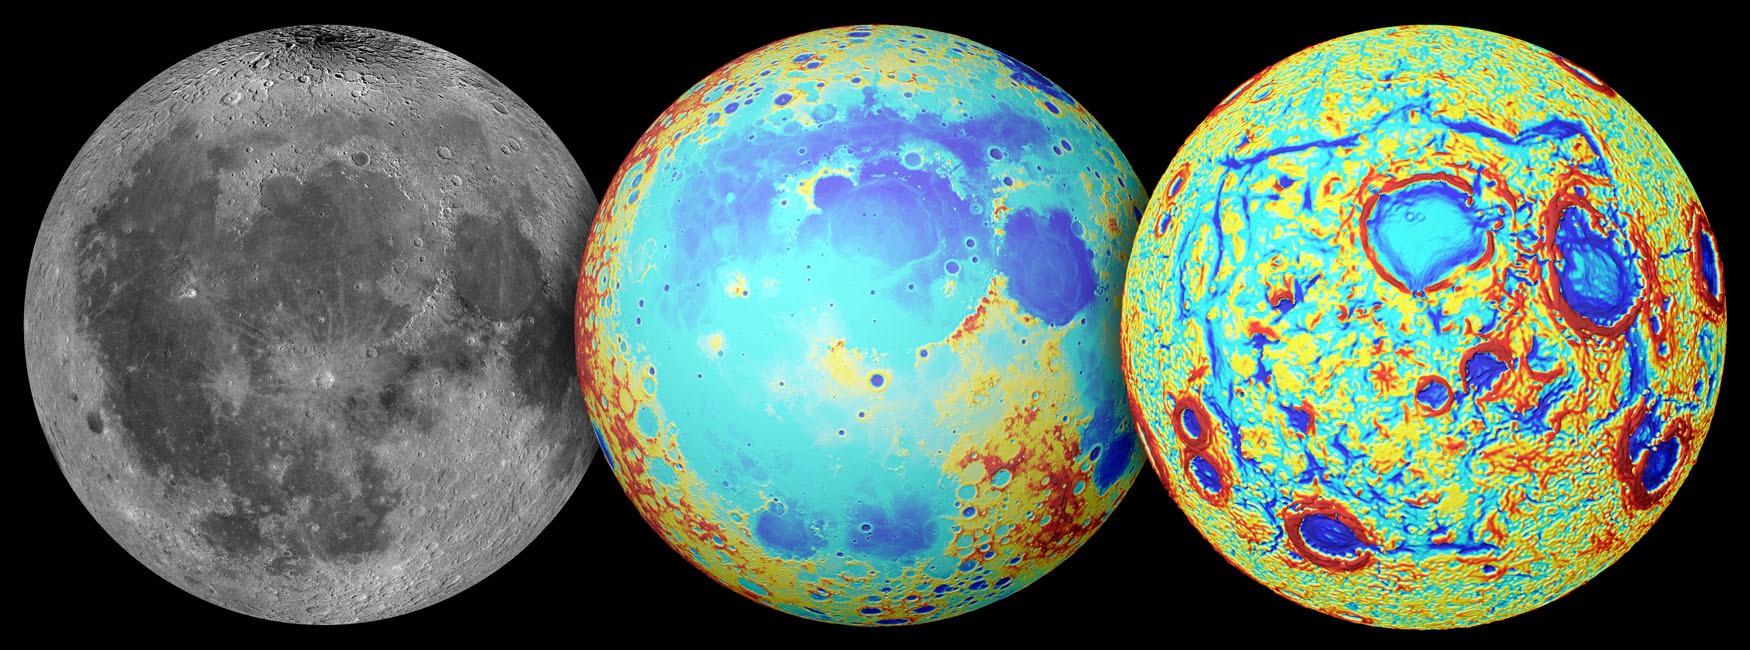 A Lua, observada em luz visível (esquerda), a topografia (centro) e os gradientes de gravidade (direita) (Foto: NASA/Colorado School of Mines/MIT/JPL/Goddard Space Flight Center)